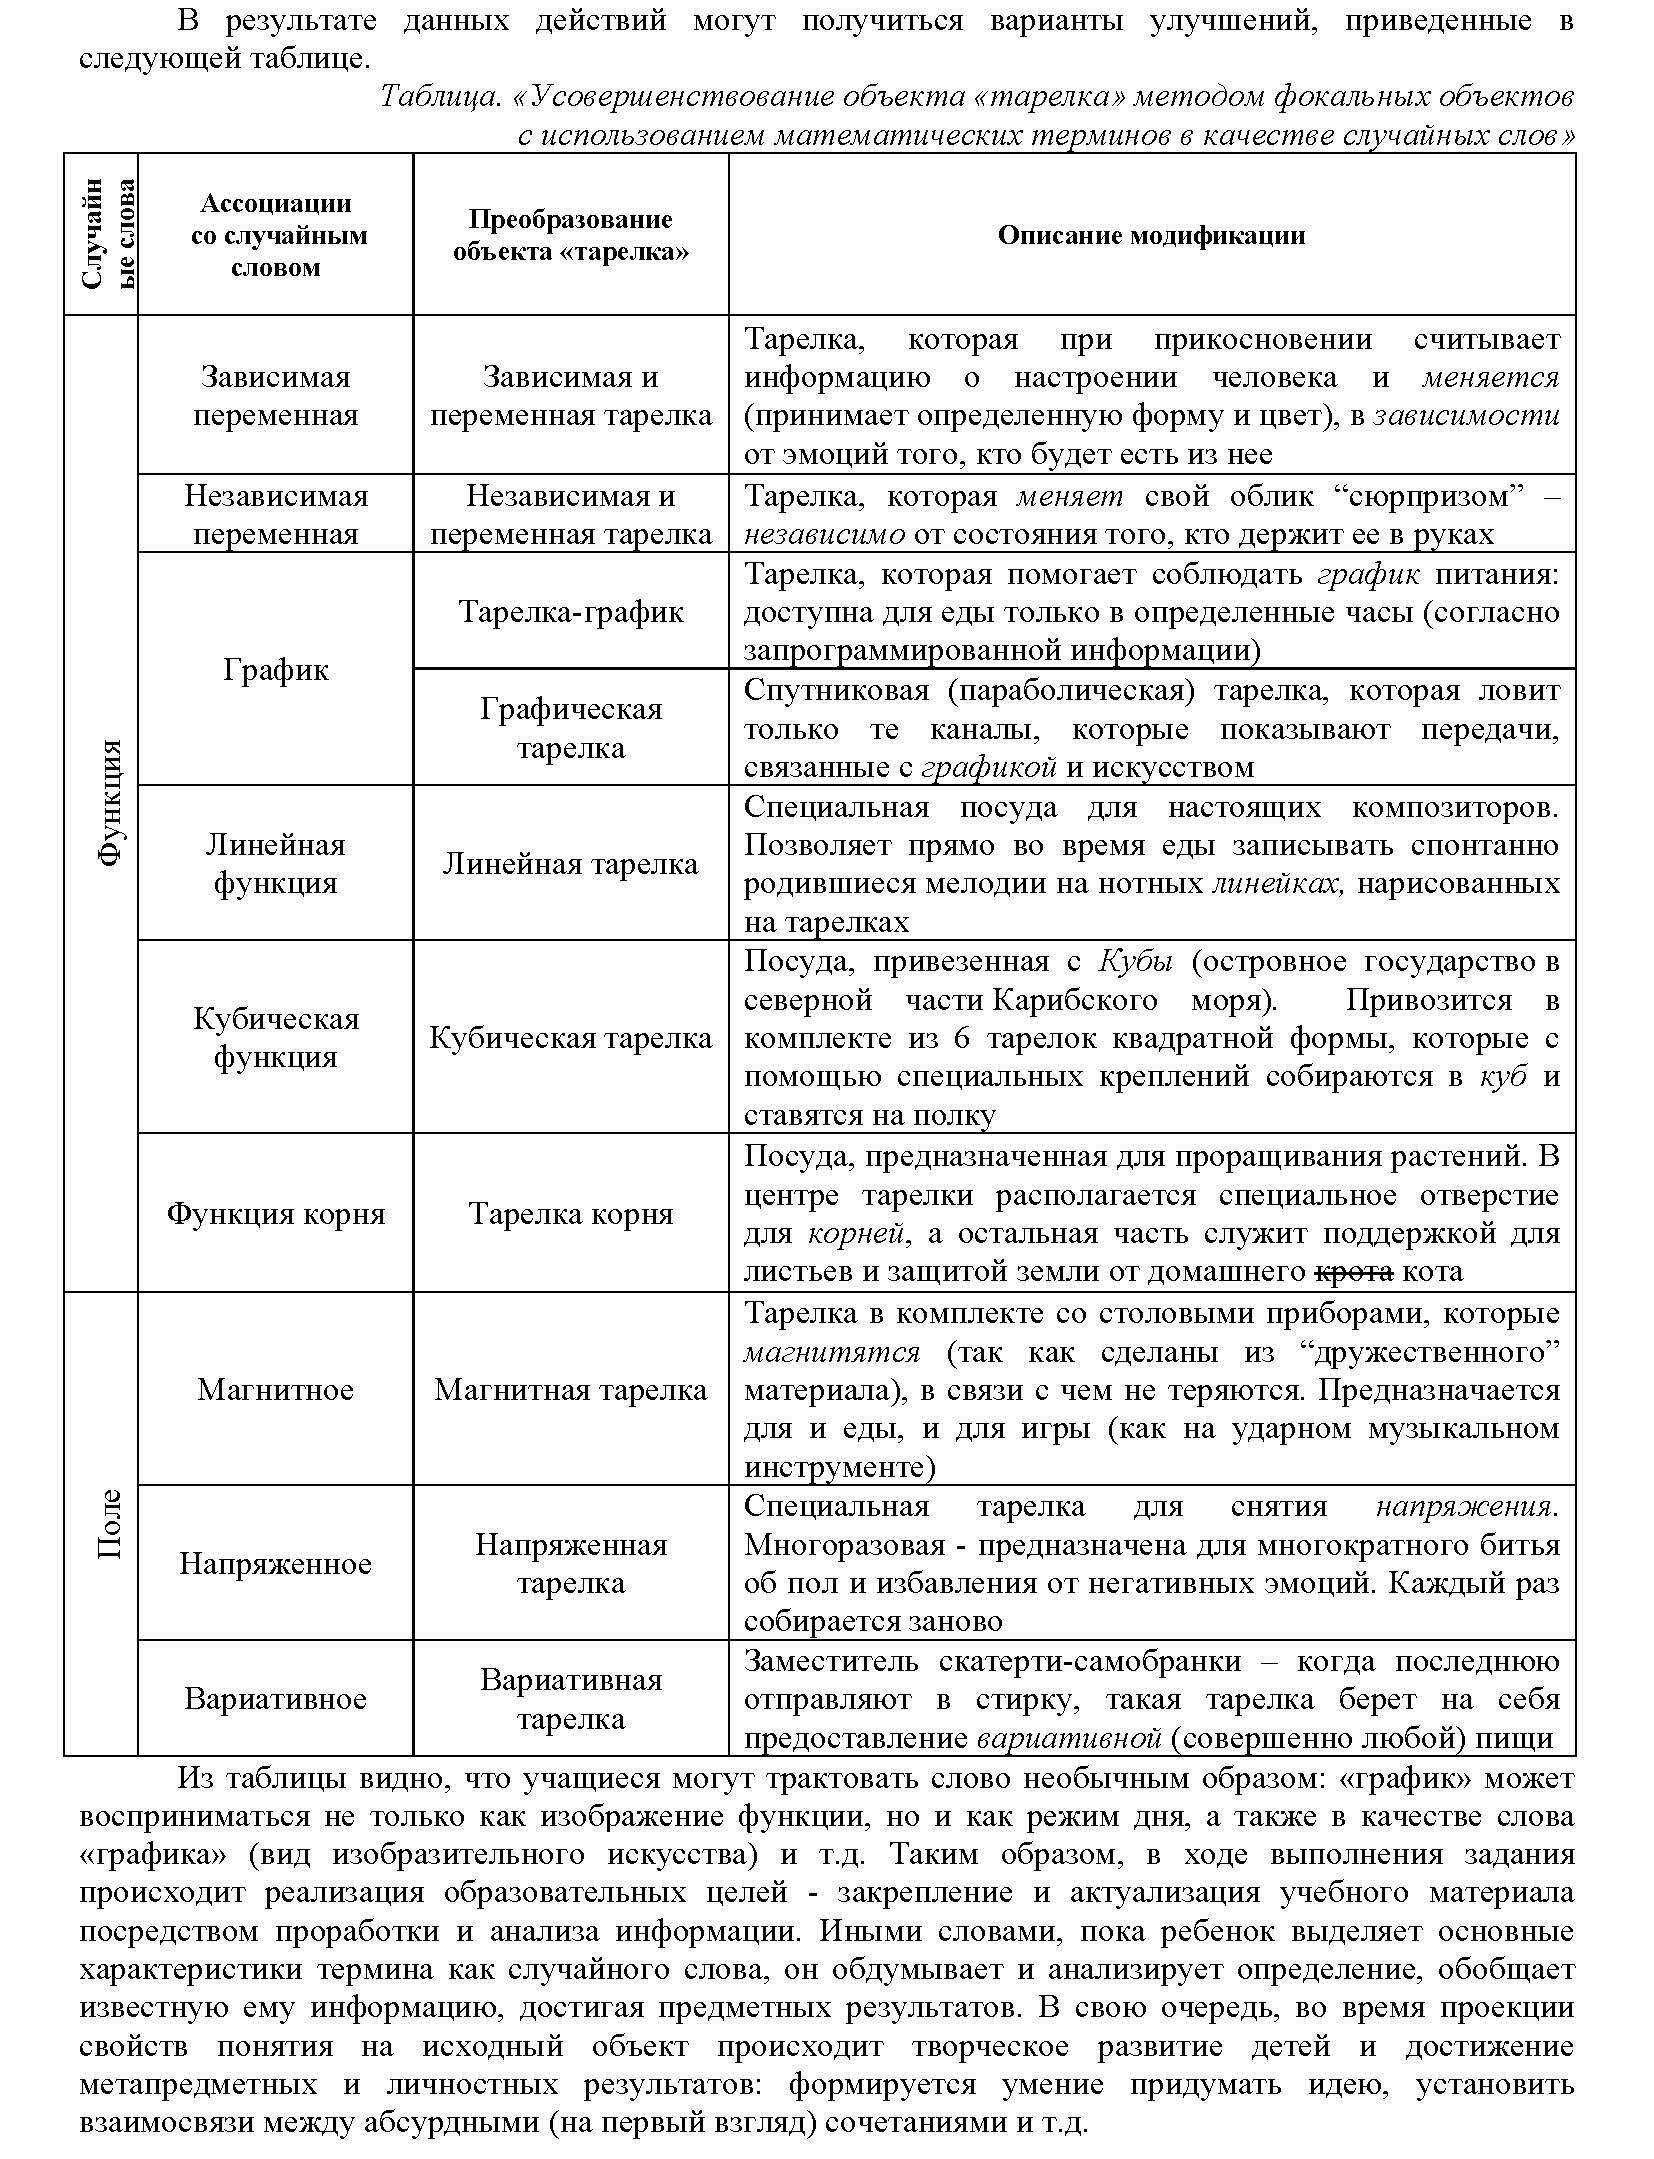 МФО и др._Страница_04